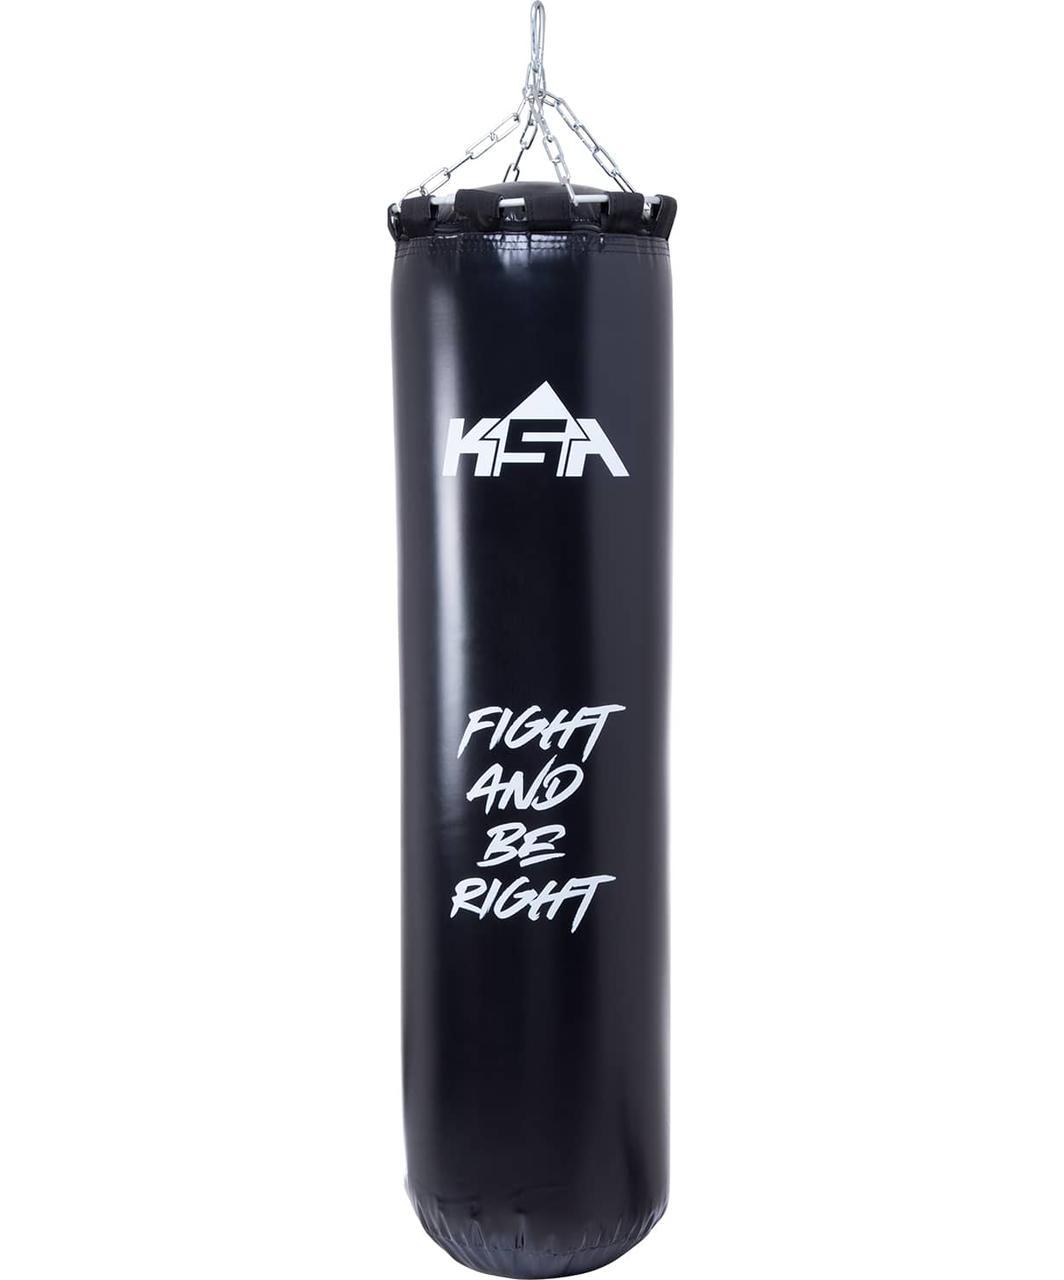 Мешок боксерский PB-02, 140 см, 55 кг, ПВХ, черный KSA